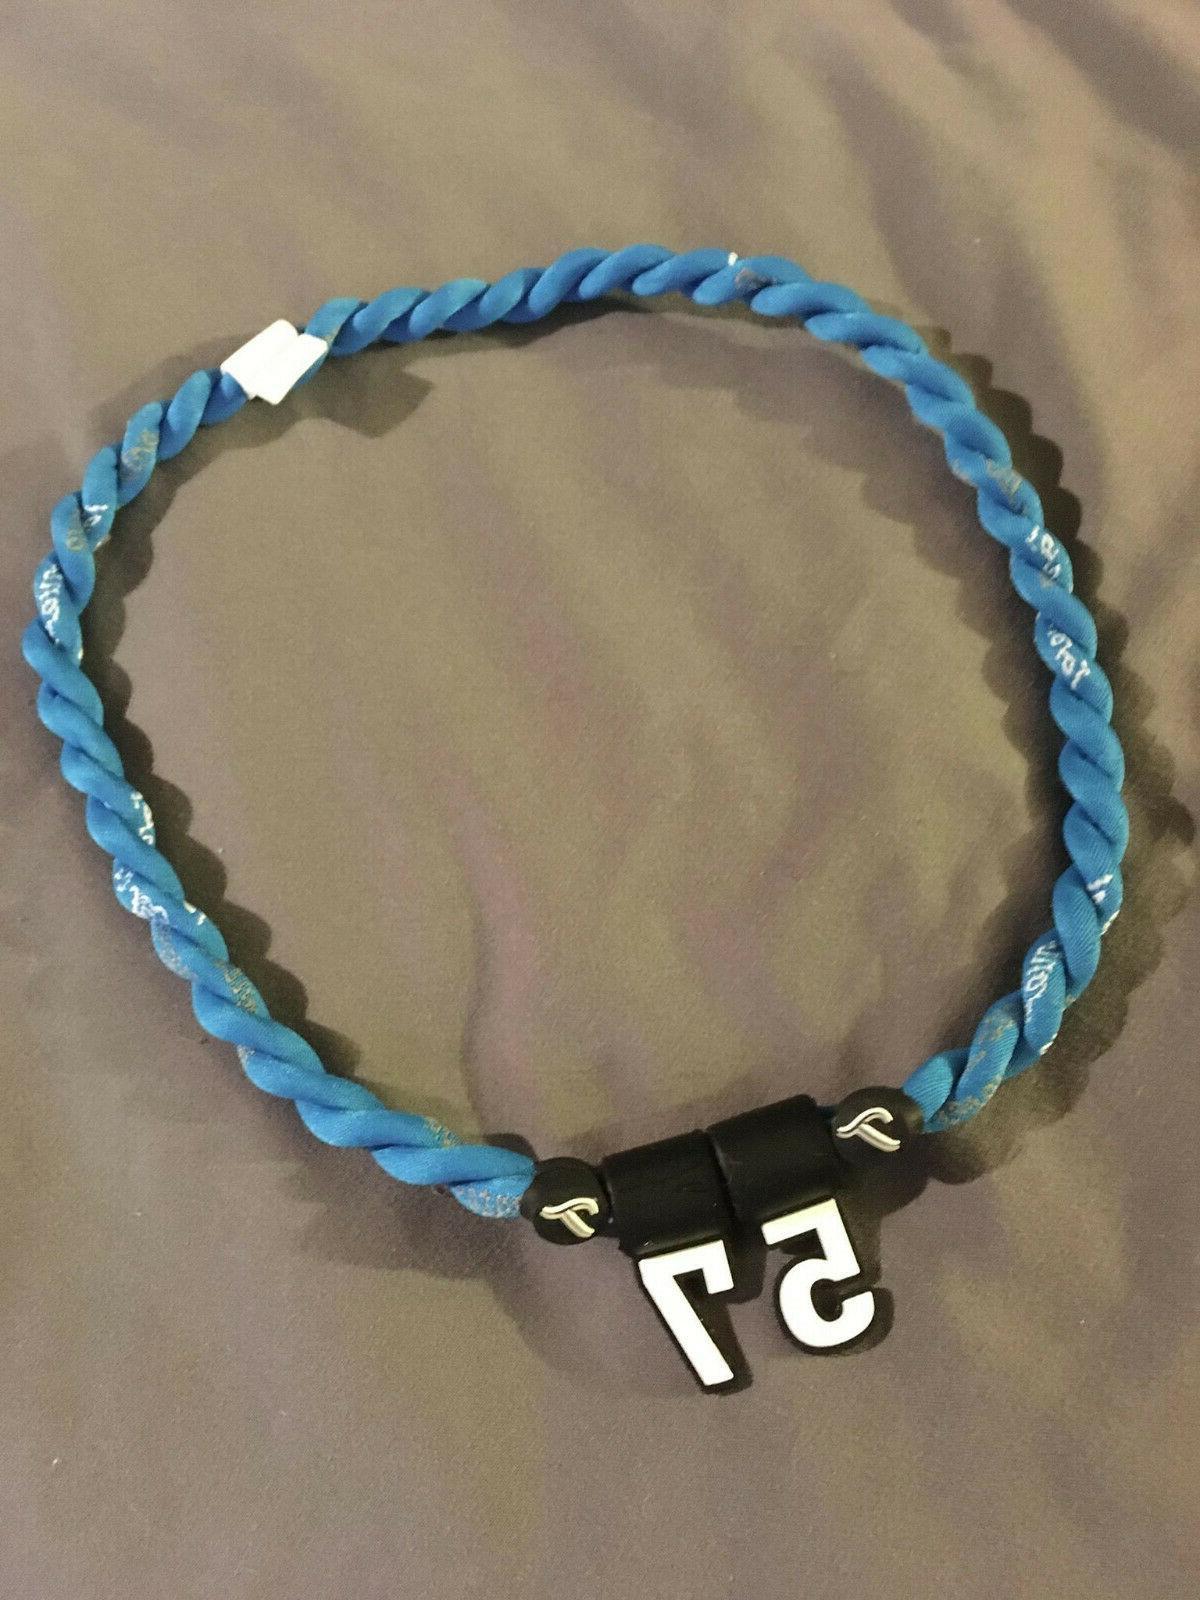 toronto trent thornton 57 double rope team